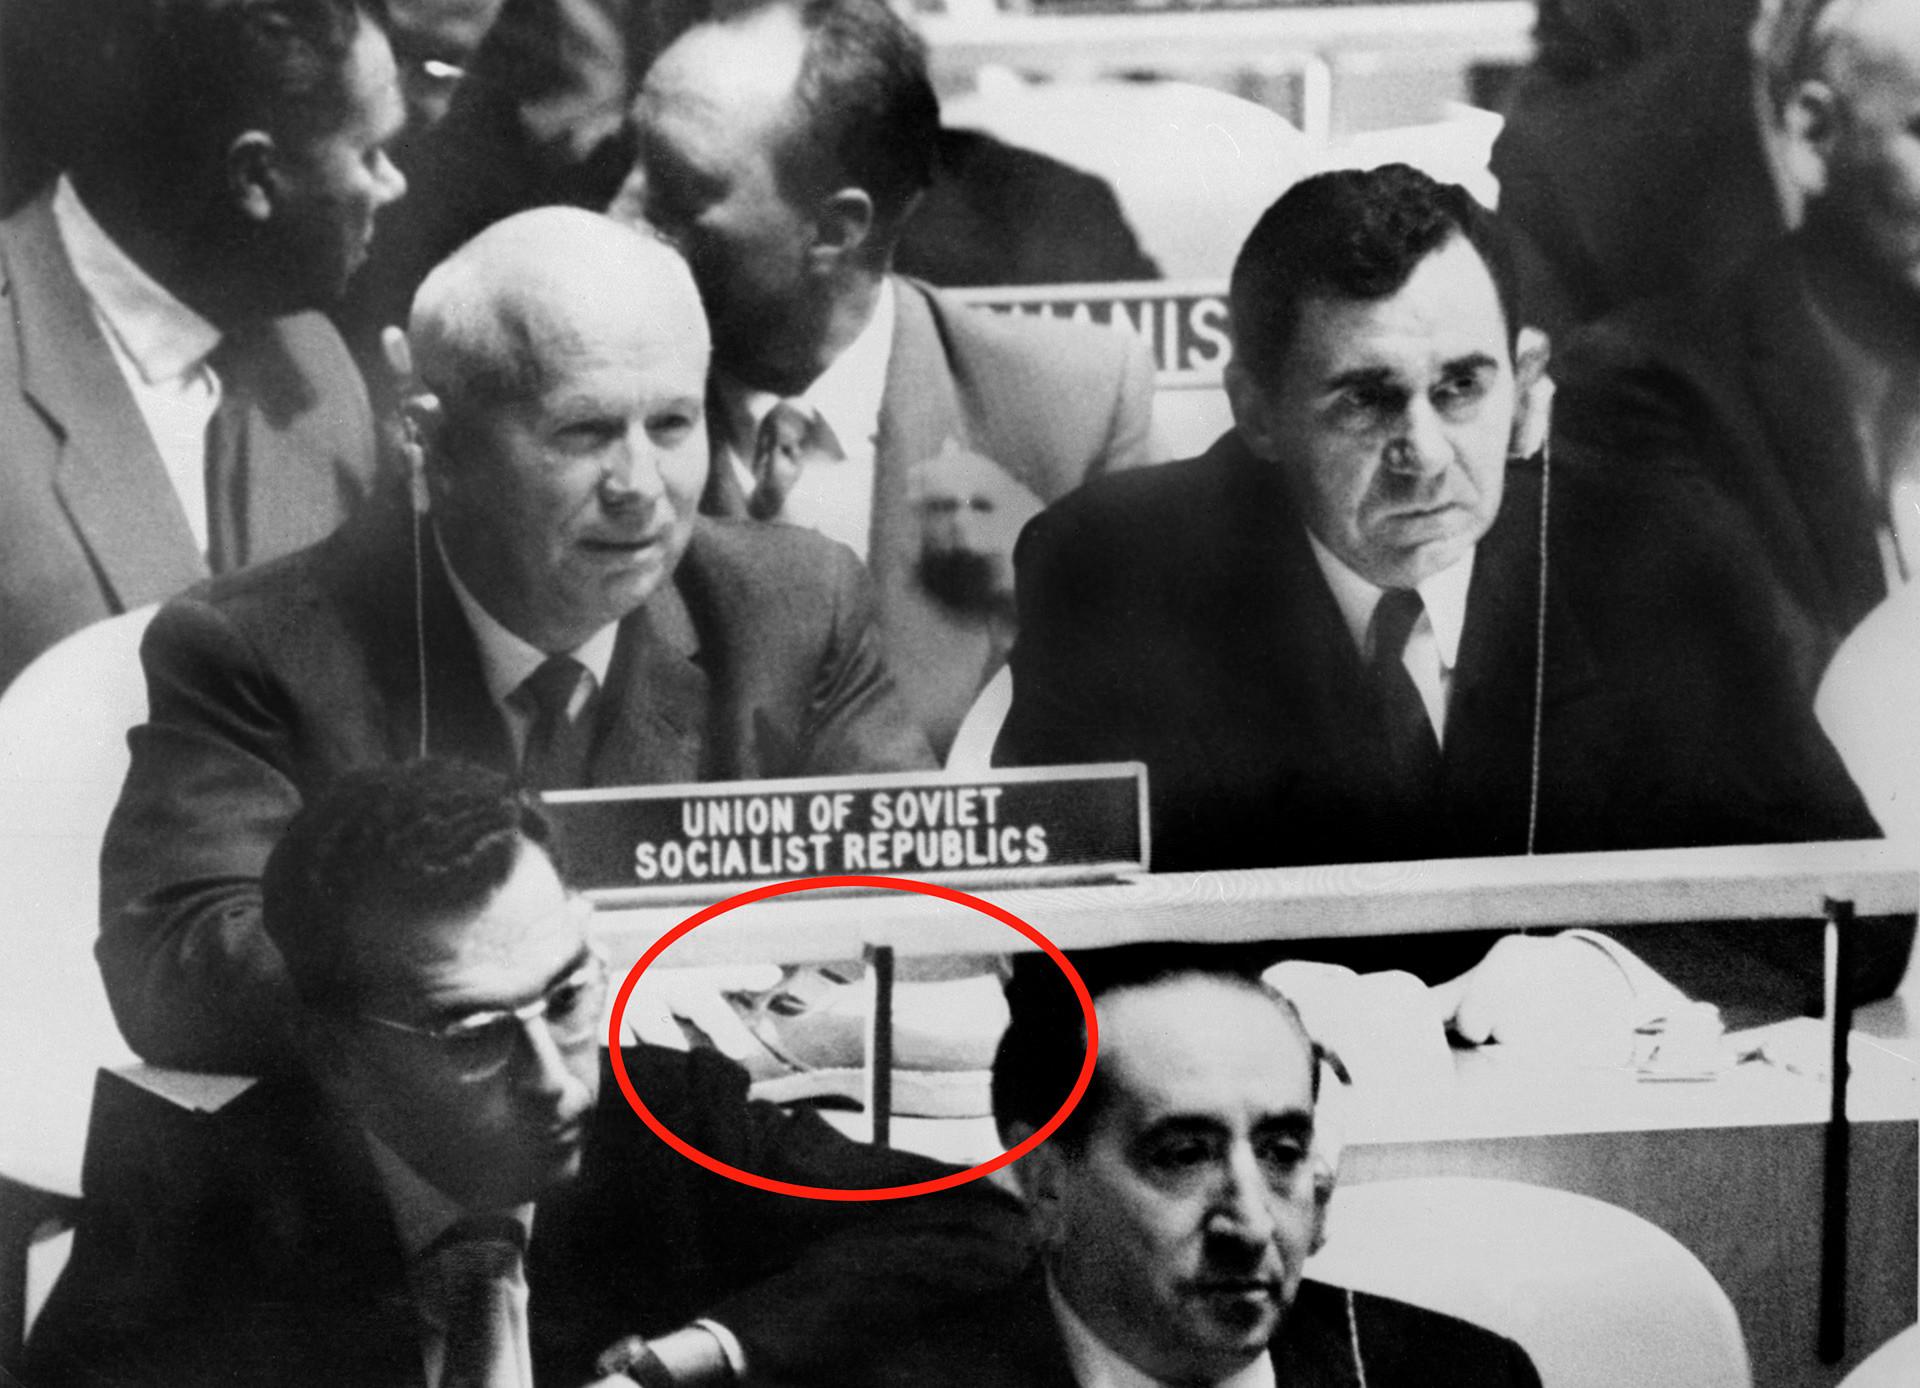 Foto sebenarnya Nikita Khrushchev dan Menteri Luar Negeri Uni Soviet Andrey Gromyko (kanan) pada Sidang Umum PBB, 12 Oktober 1960. Lingkaran merah menandai sepatu di meja Khrushchev.